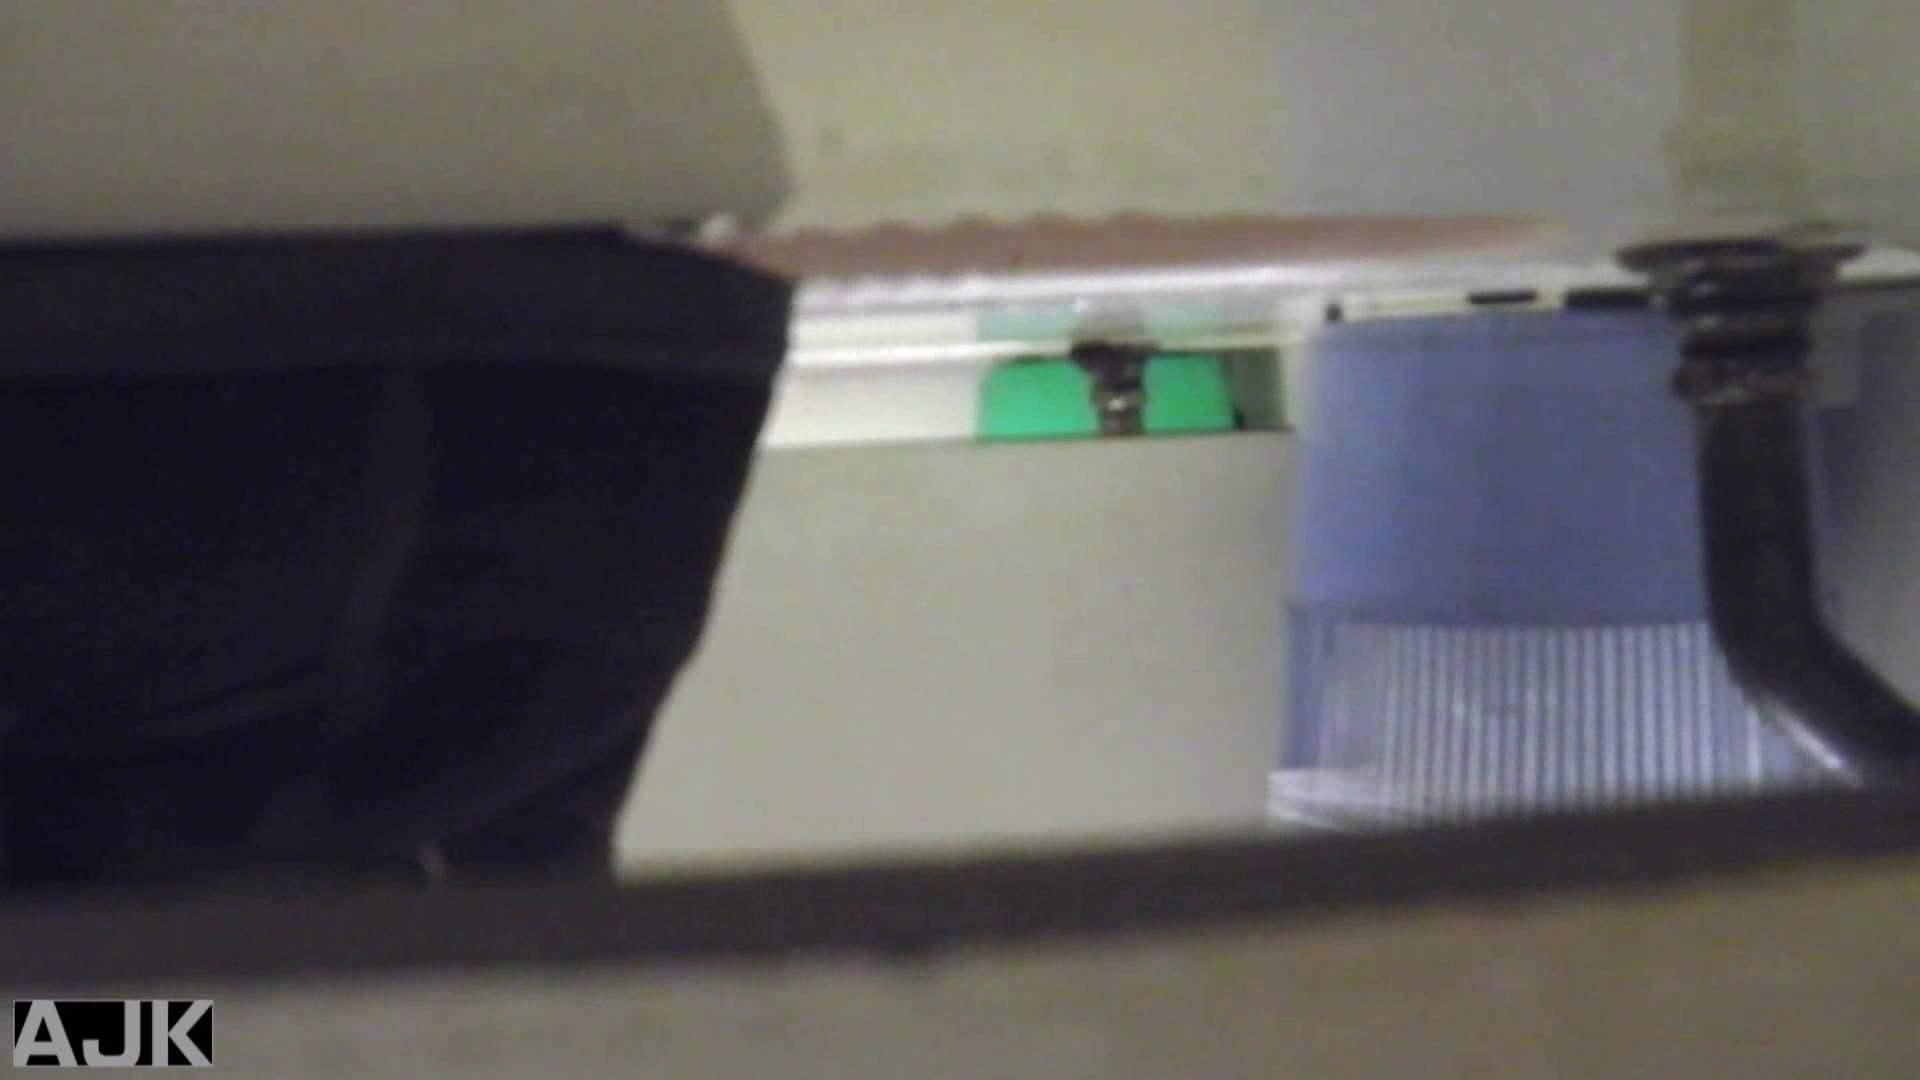 隣国上階級エリアの令嬢たちが集うデパートお手洗い Vol.07 女子トイレの中 濡れ場動画紹介 53画像 31